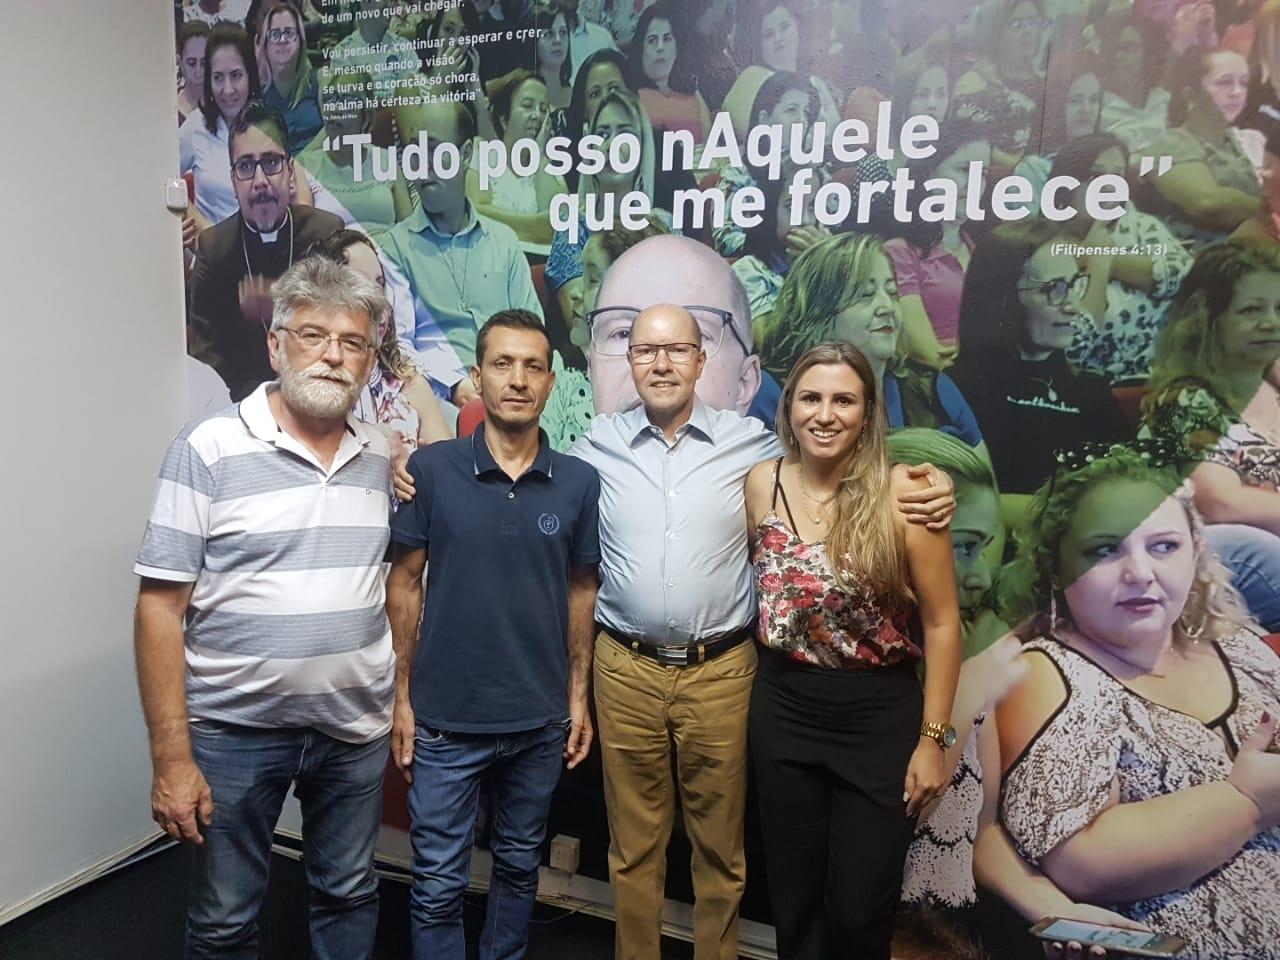 Demóstenes Torres abre diálogo com motoristas de aplicativo